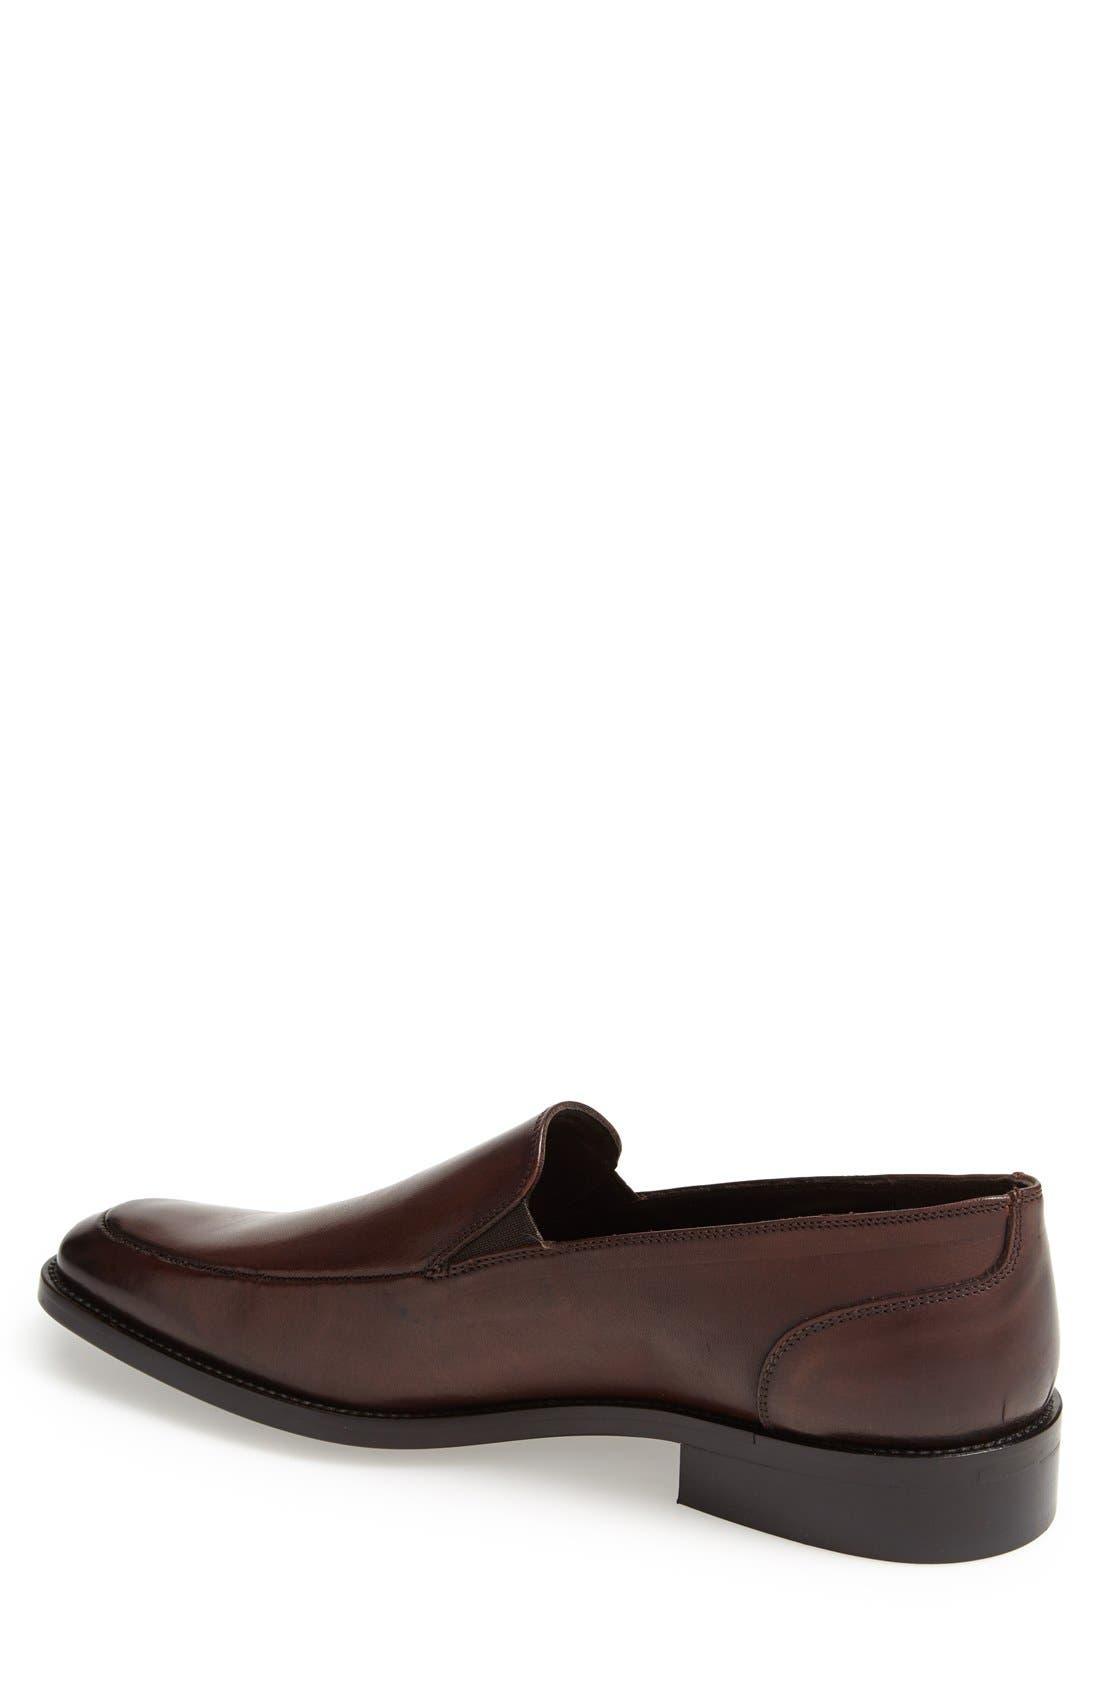 Alternate Image 2  - To Boot New York 'Erik' Venetian Loafer